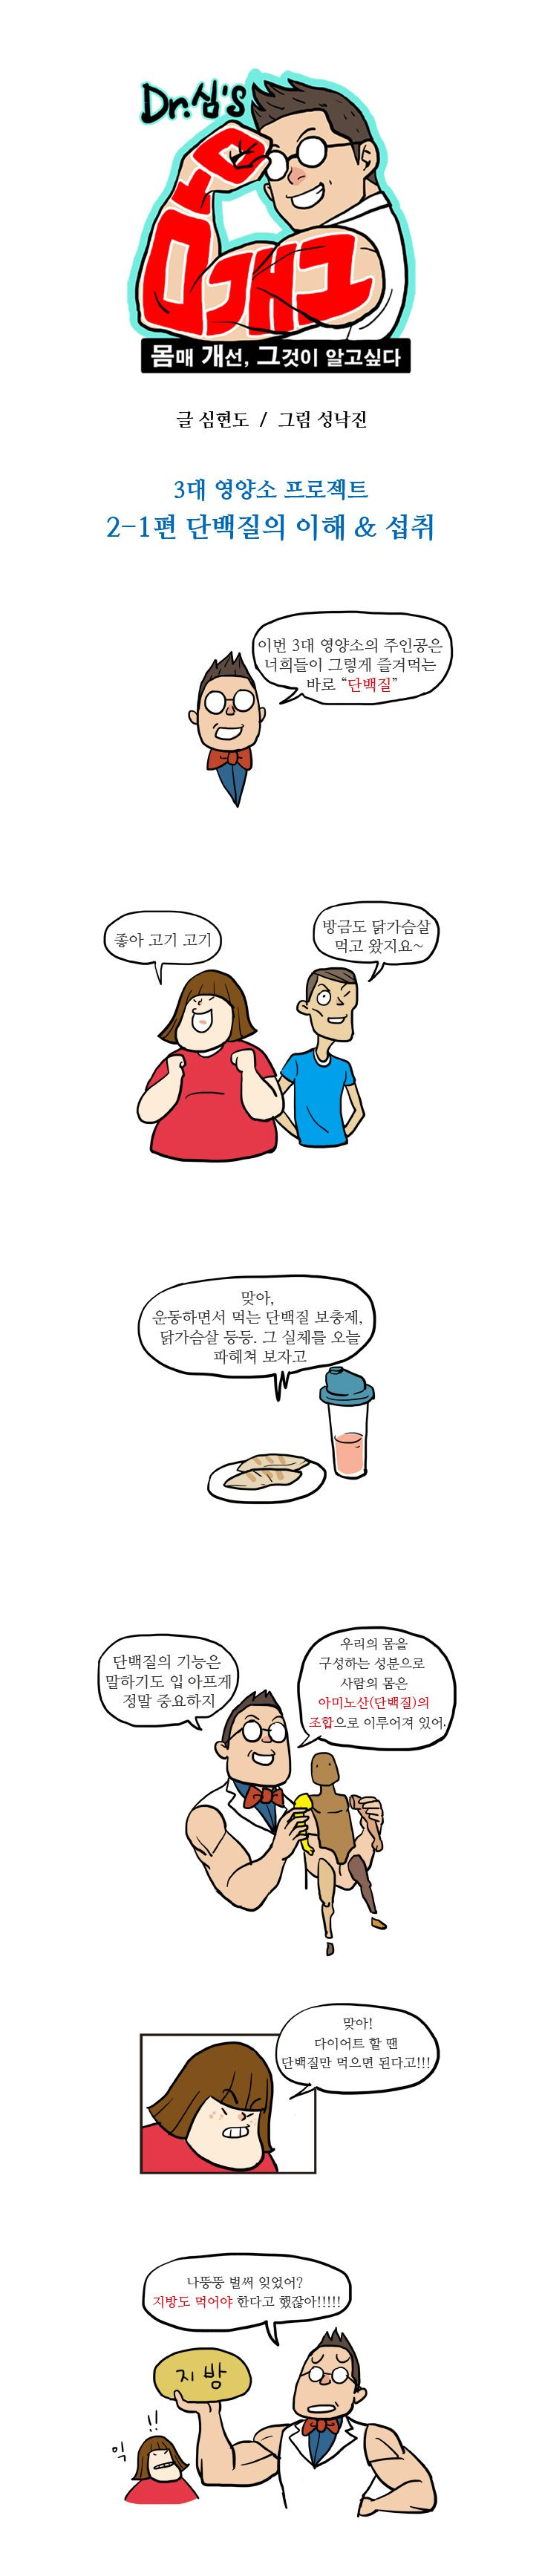 14화, 필수영양소 단백질, 제대로 알고 먹자?!